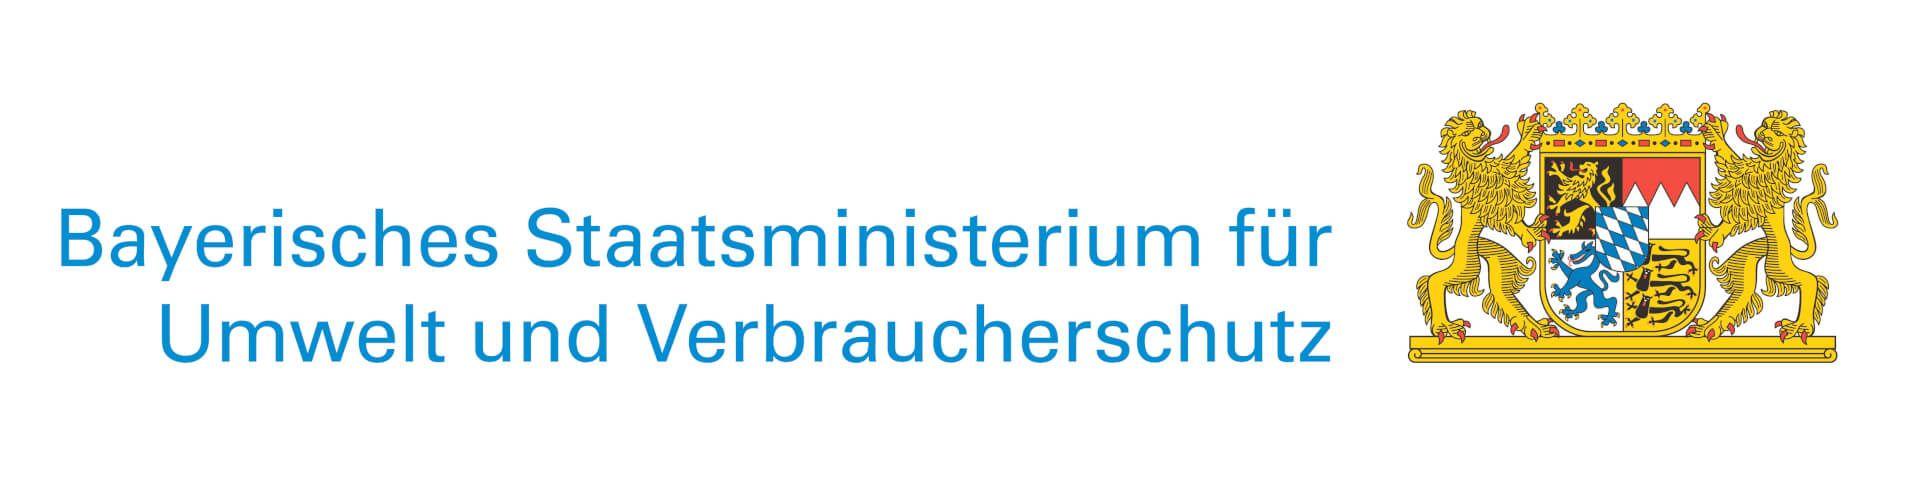 Logo des Bayrischen Staatsministerium für Umwelt und Verbraucherschutz